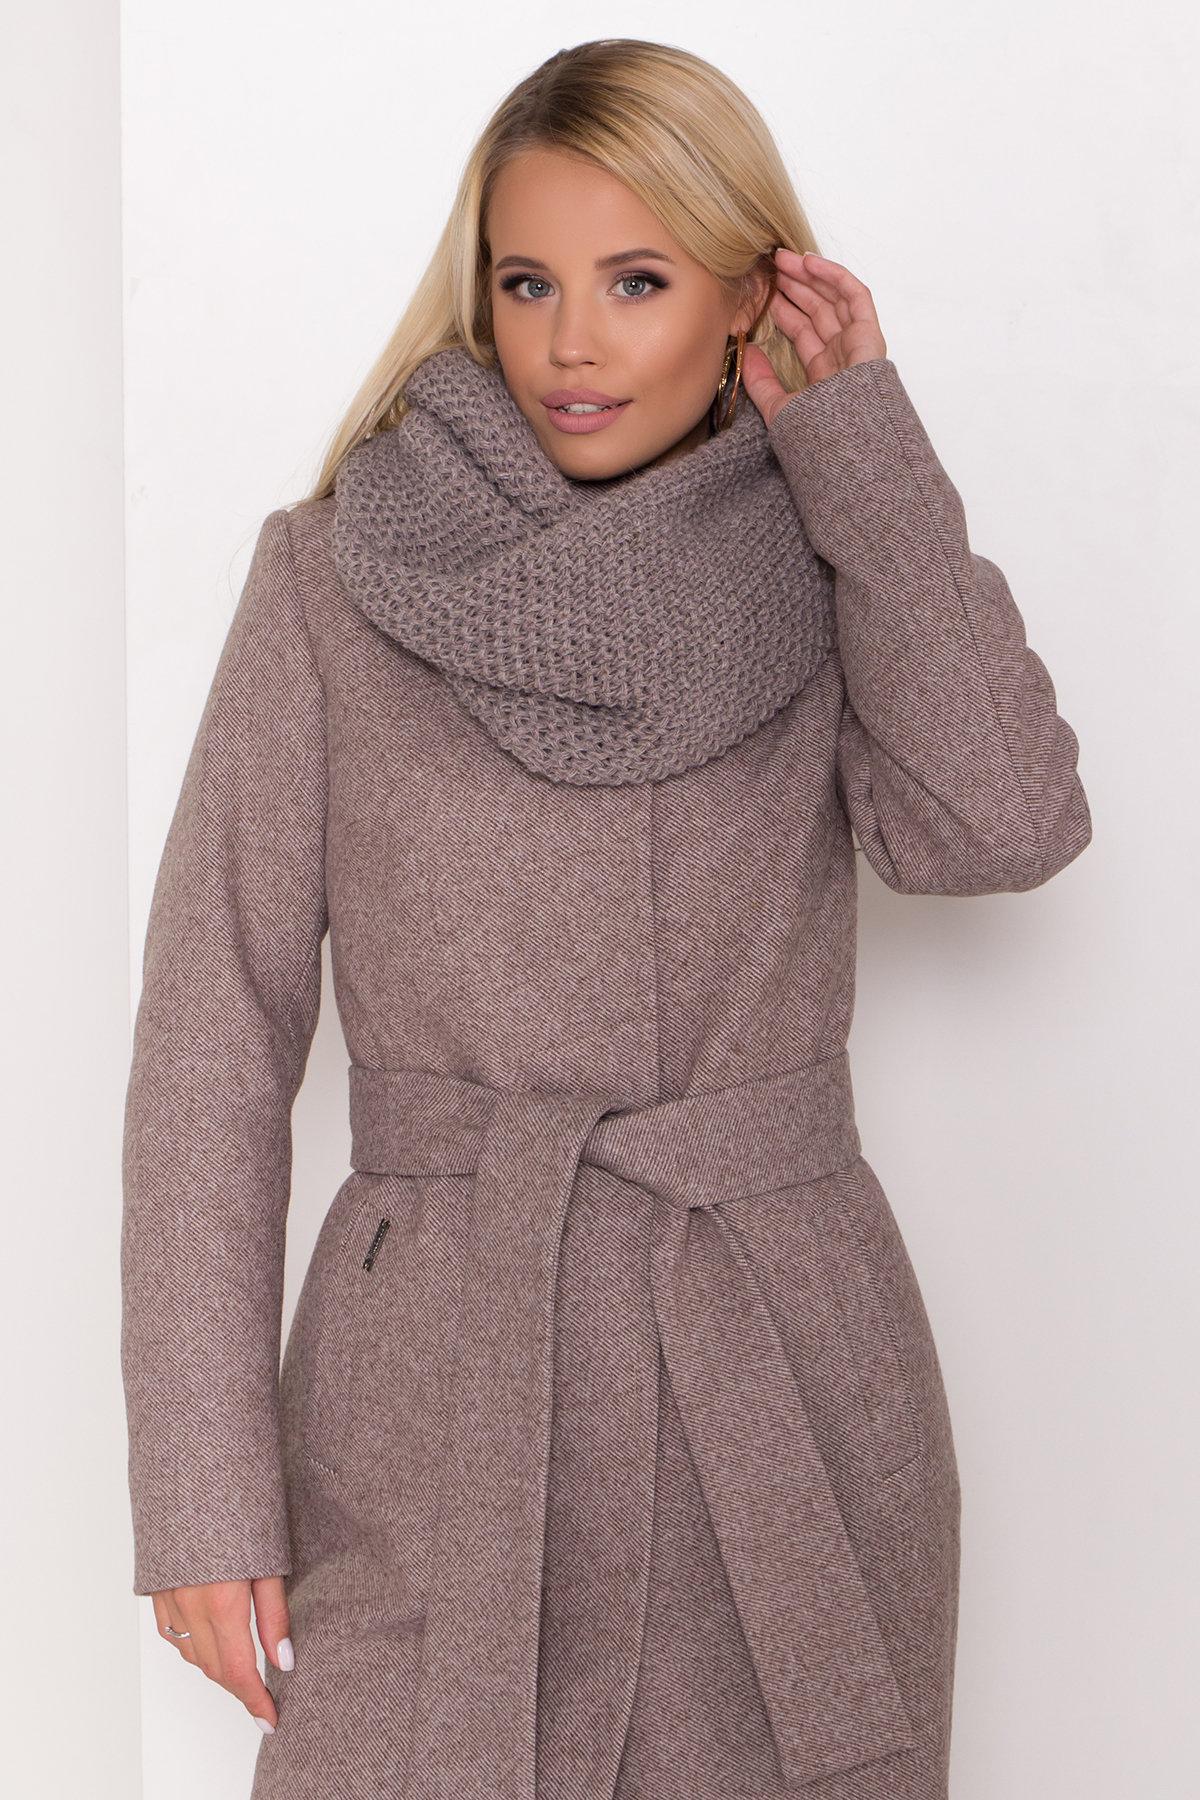 Зимнее пальто со снудом Габи 8205 АРТ. 44220 Цвет: Шоколадный меланж - фото 5, интернет магазин tm-modus.ru